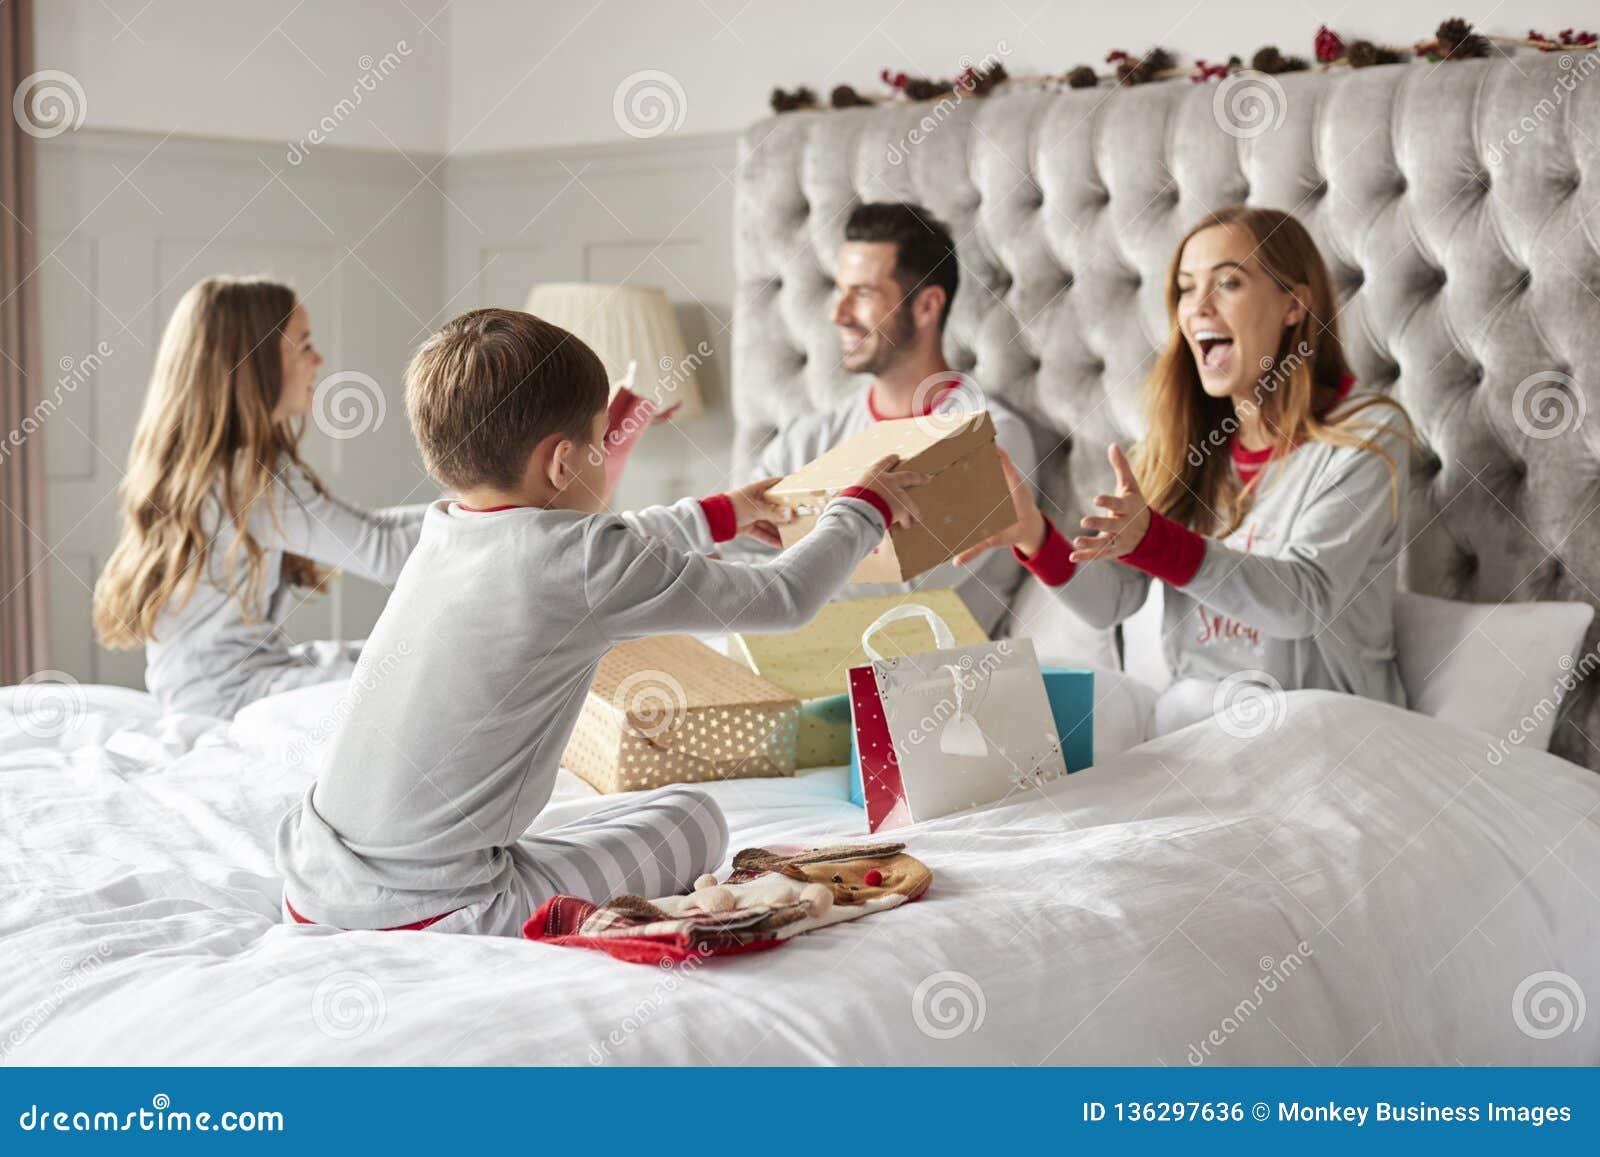 Eltern, die Geschenke von den Kindern wie sie Sit On Bed Exchanging Present am Weihnachtstag öffnen